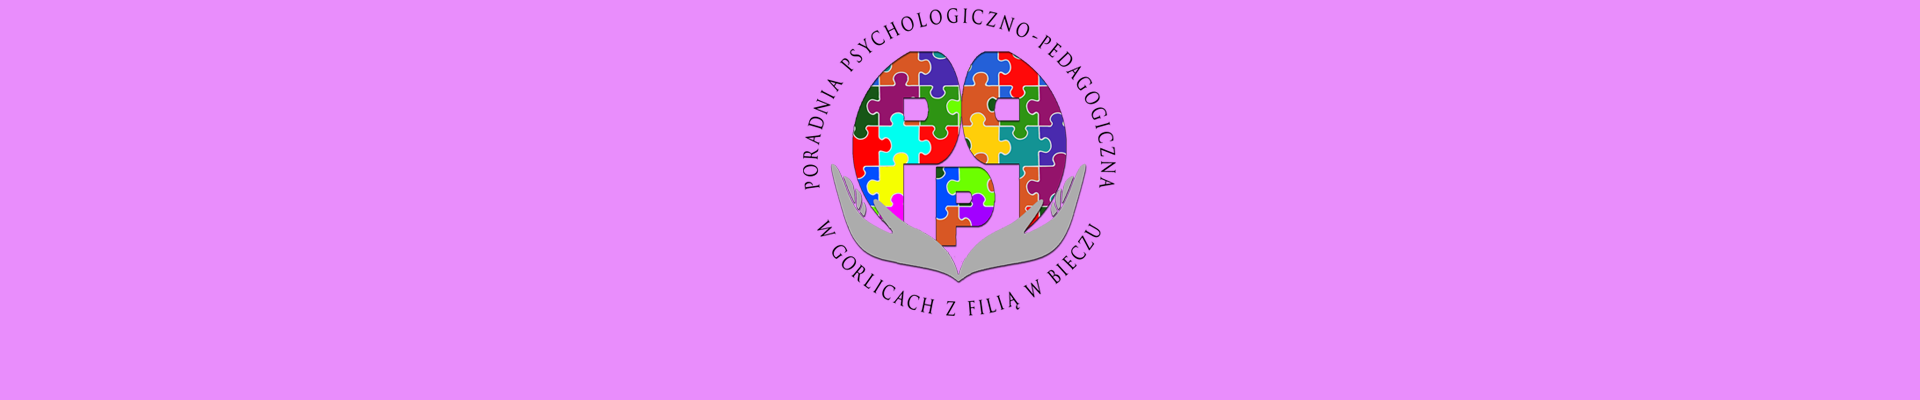 Poradnia Psychologiczno-Pedagogiczna w Gorlicach